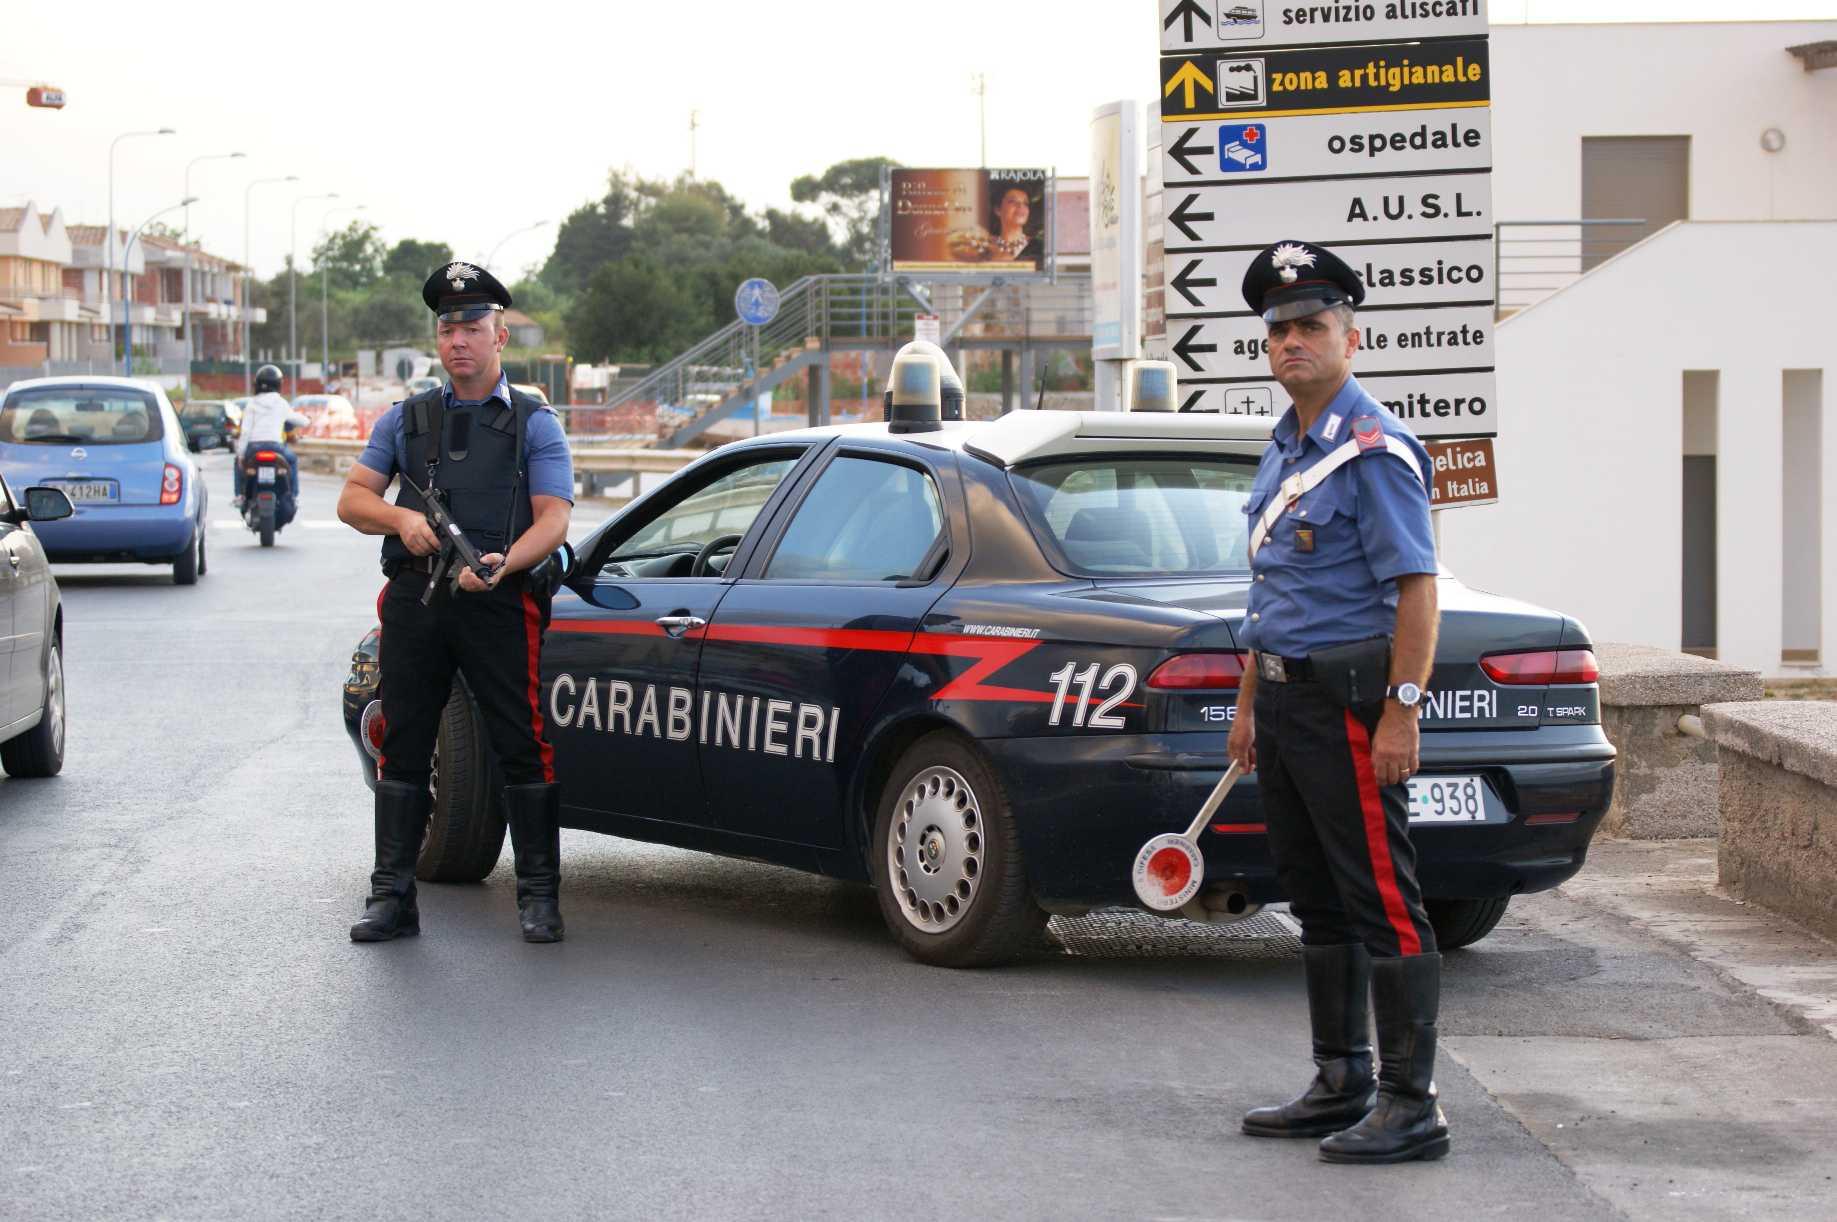 Droga e contrabbando a Napoli, arrestati 18 membri clan Lo Russo